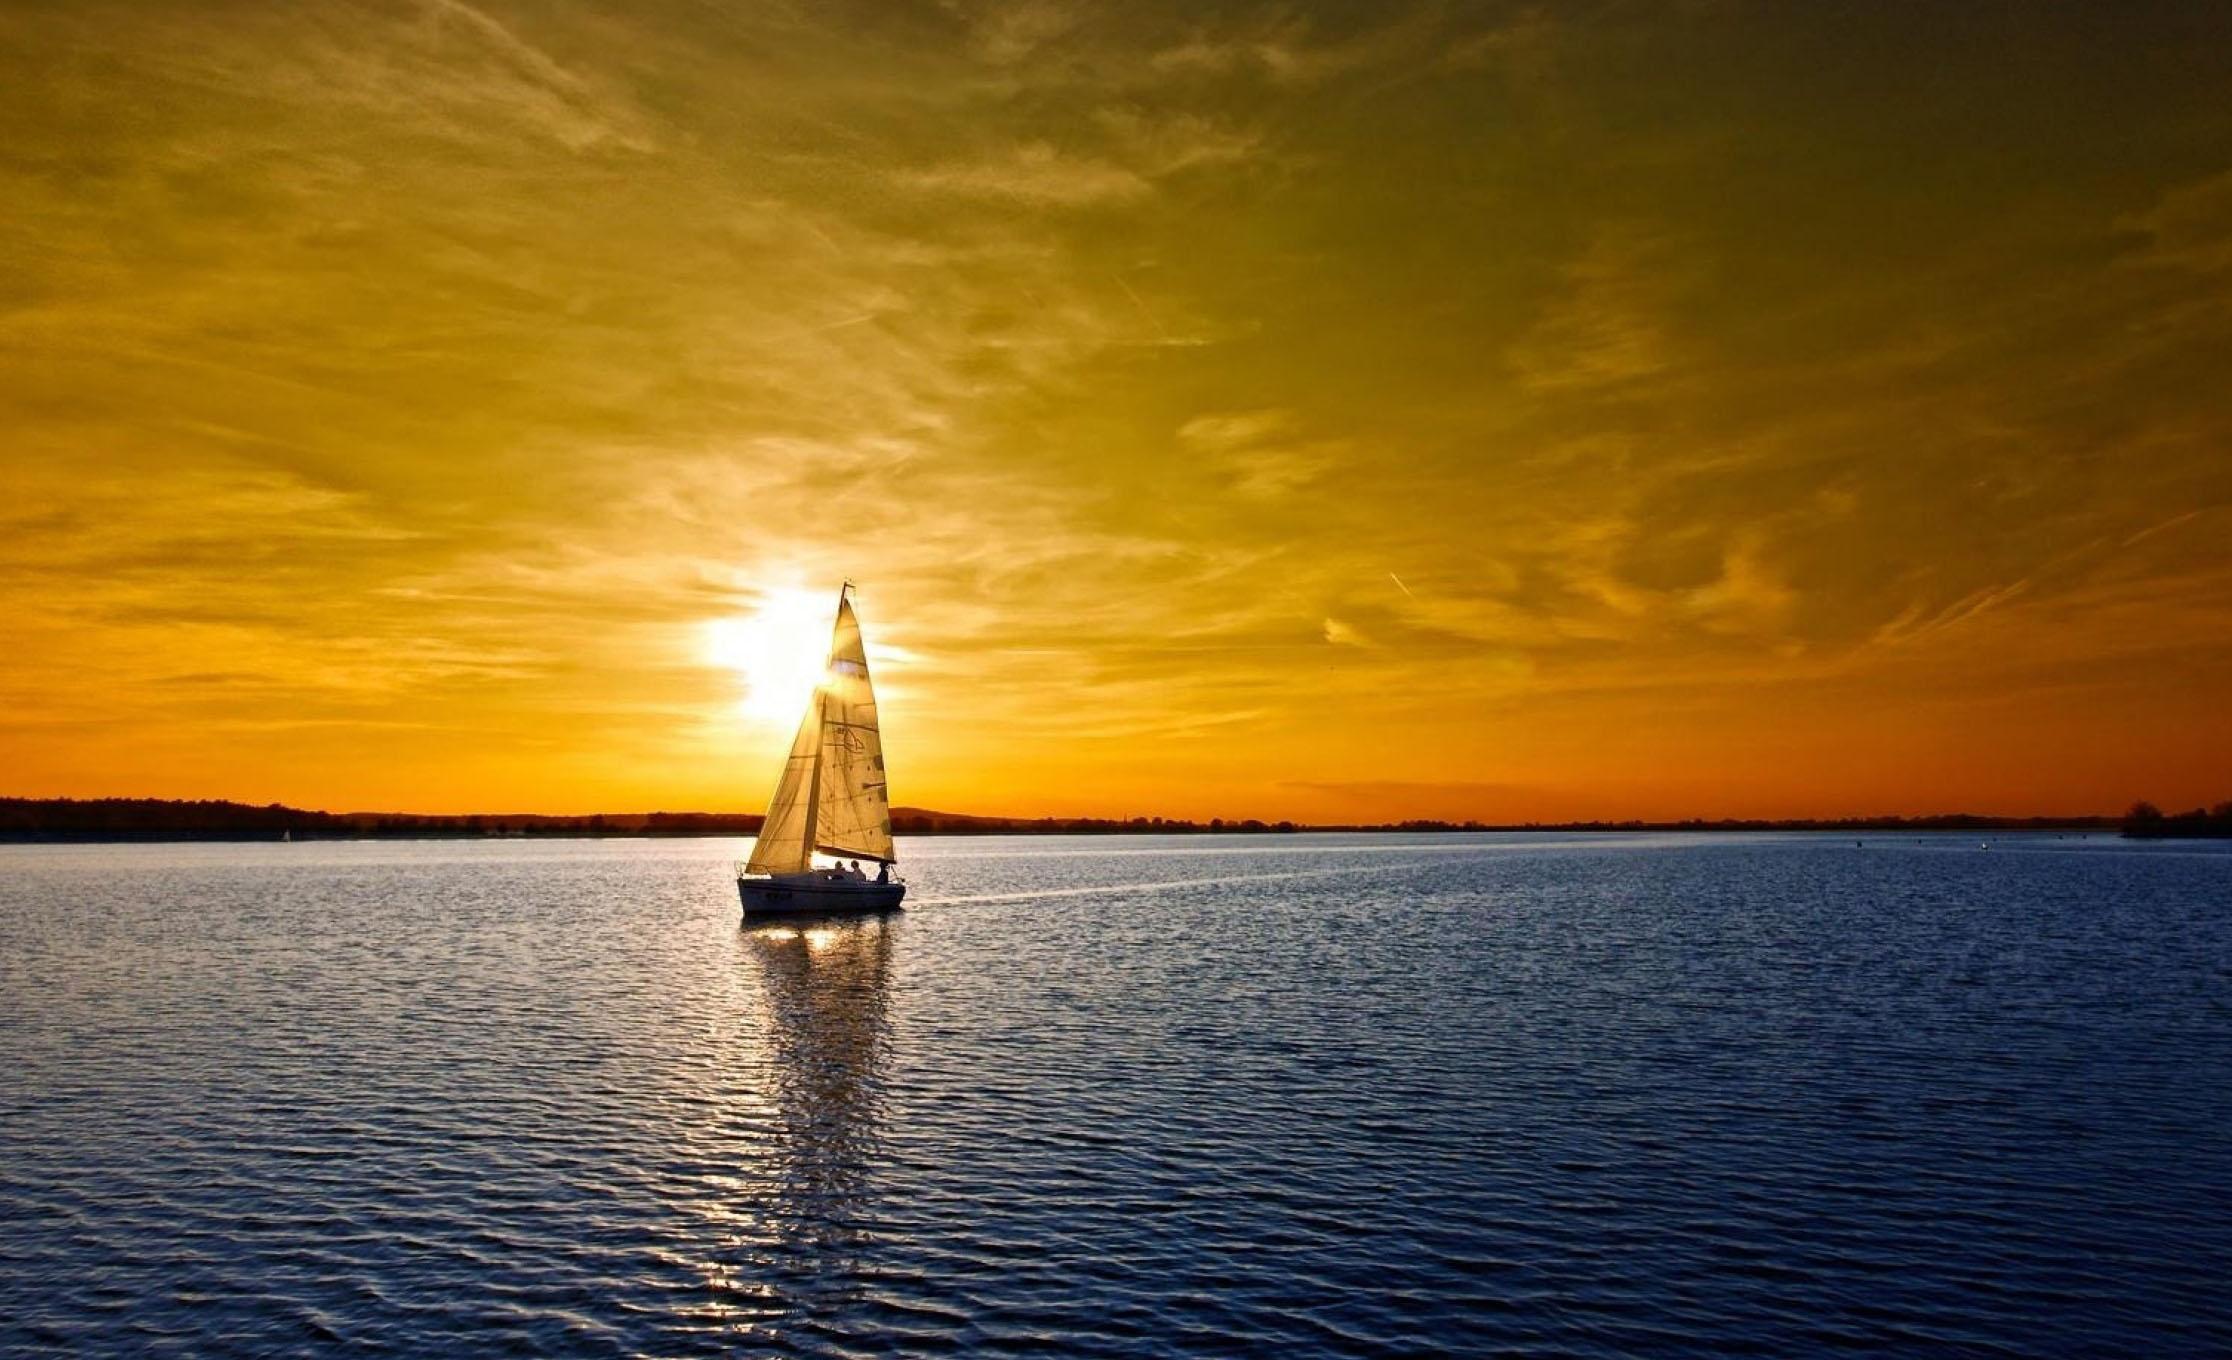 sailboat-art-beautiful-ocean-sunset